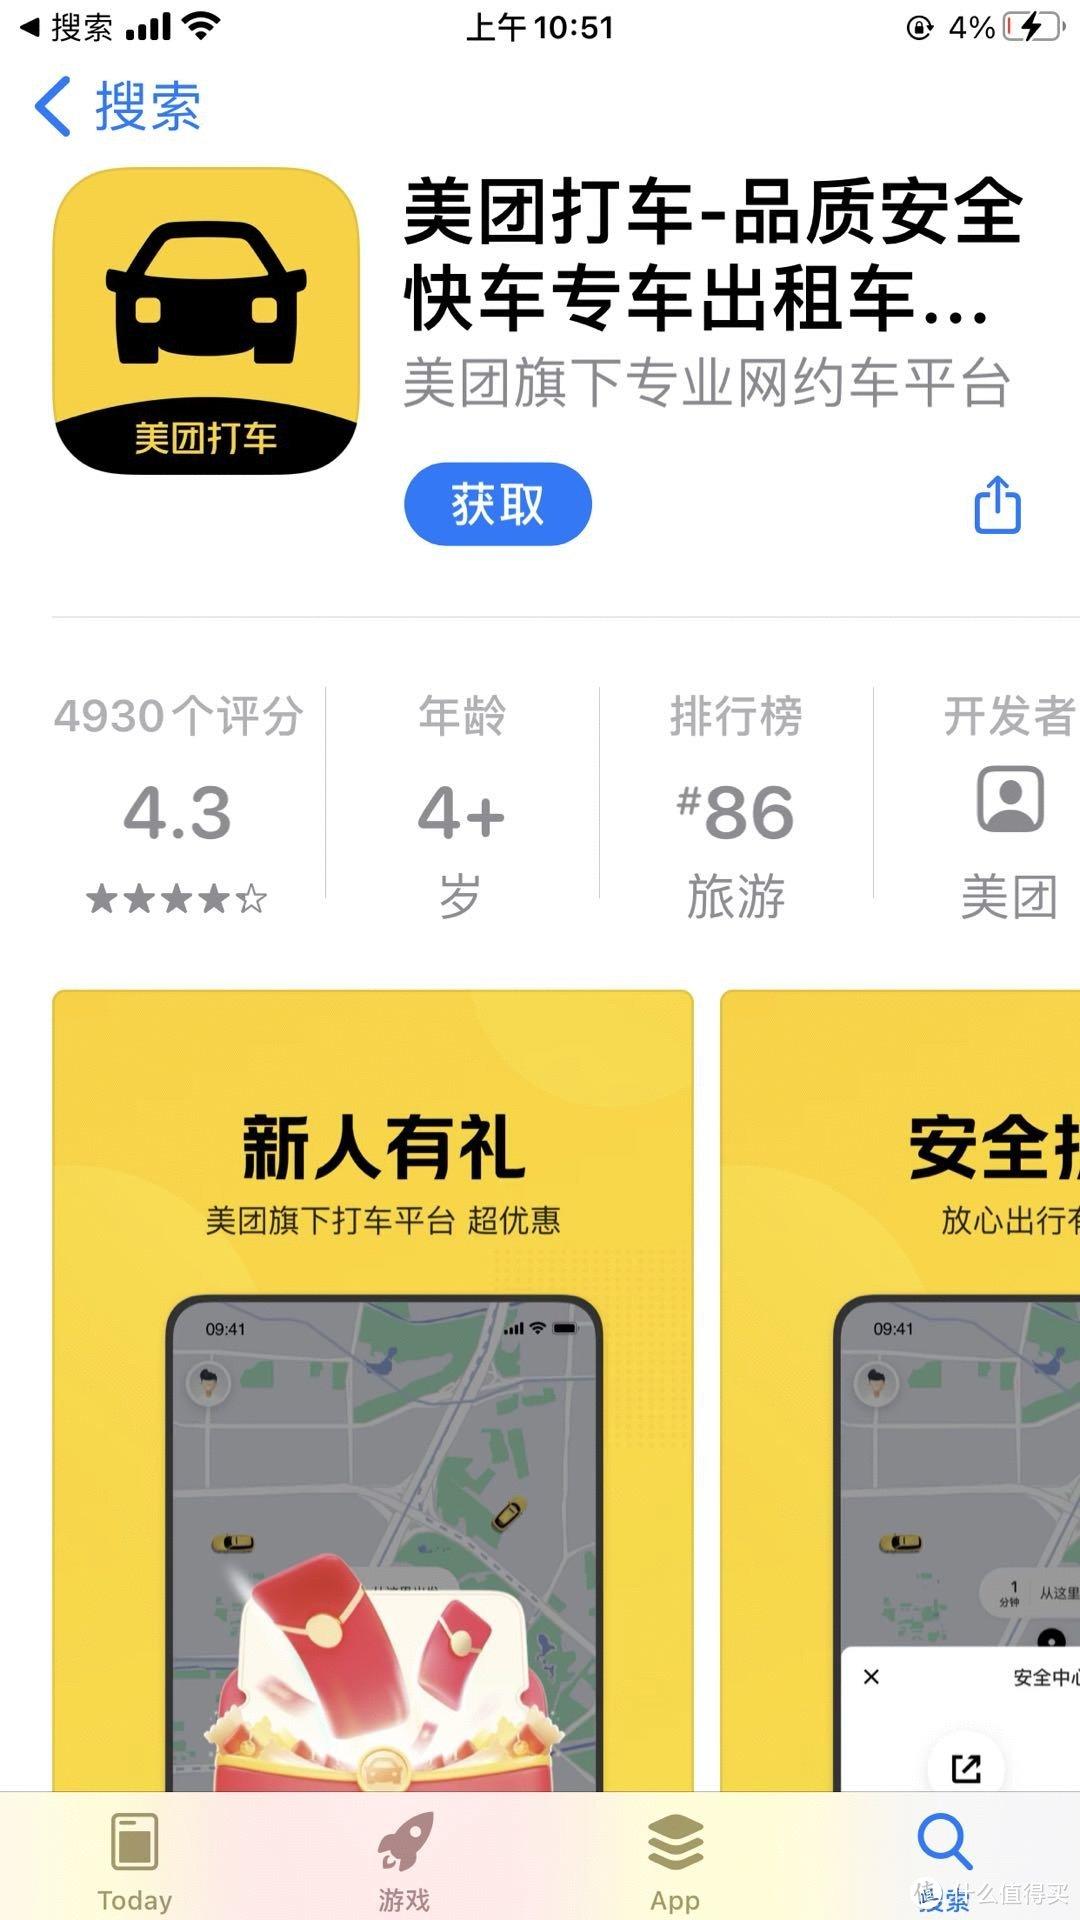 时隔2年!美团打车app重新上架!强调合法使用、储存用户个人信息